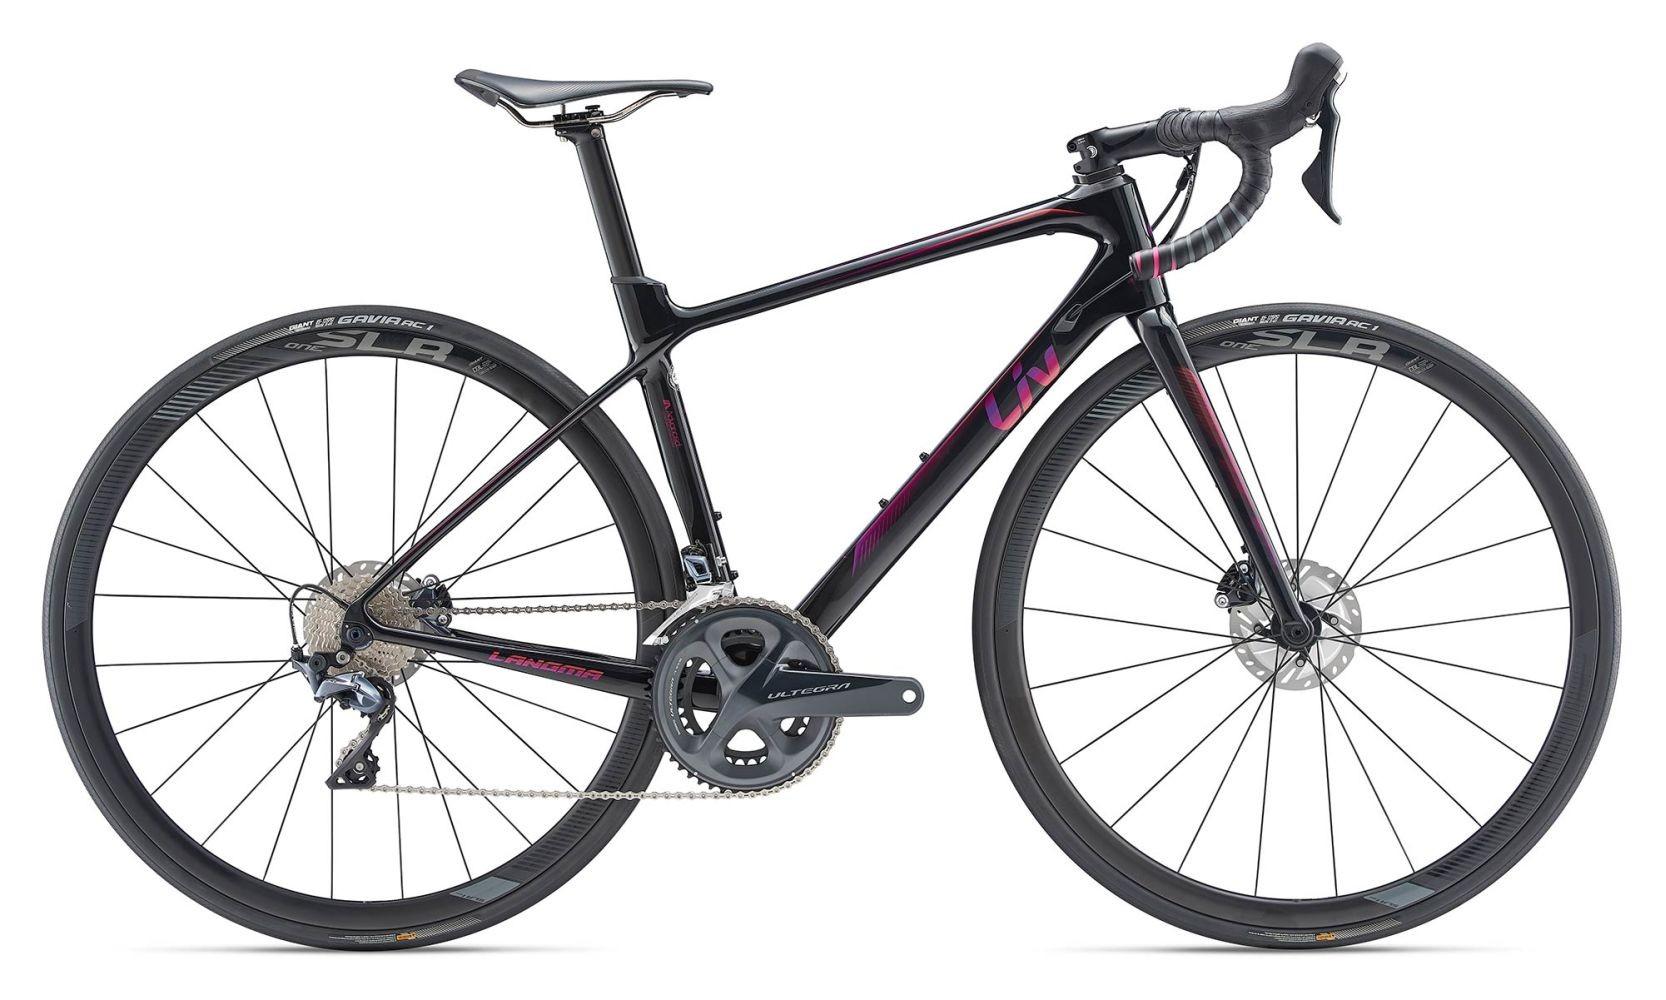 Liv Langma Advance Pro 1 Disc 2019 bike